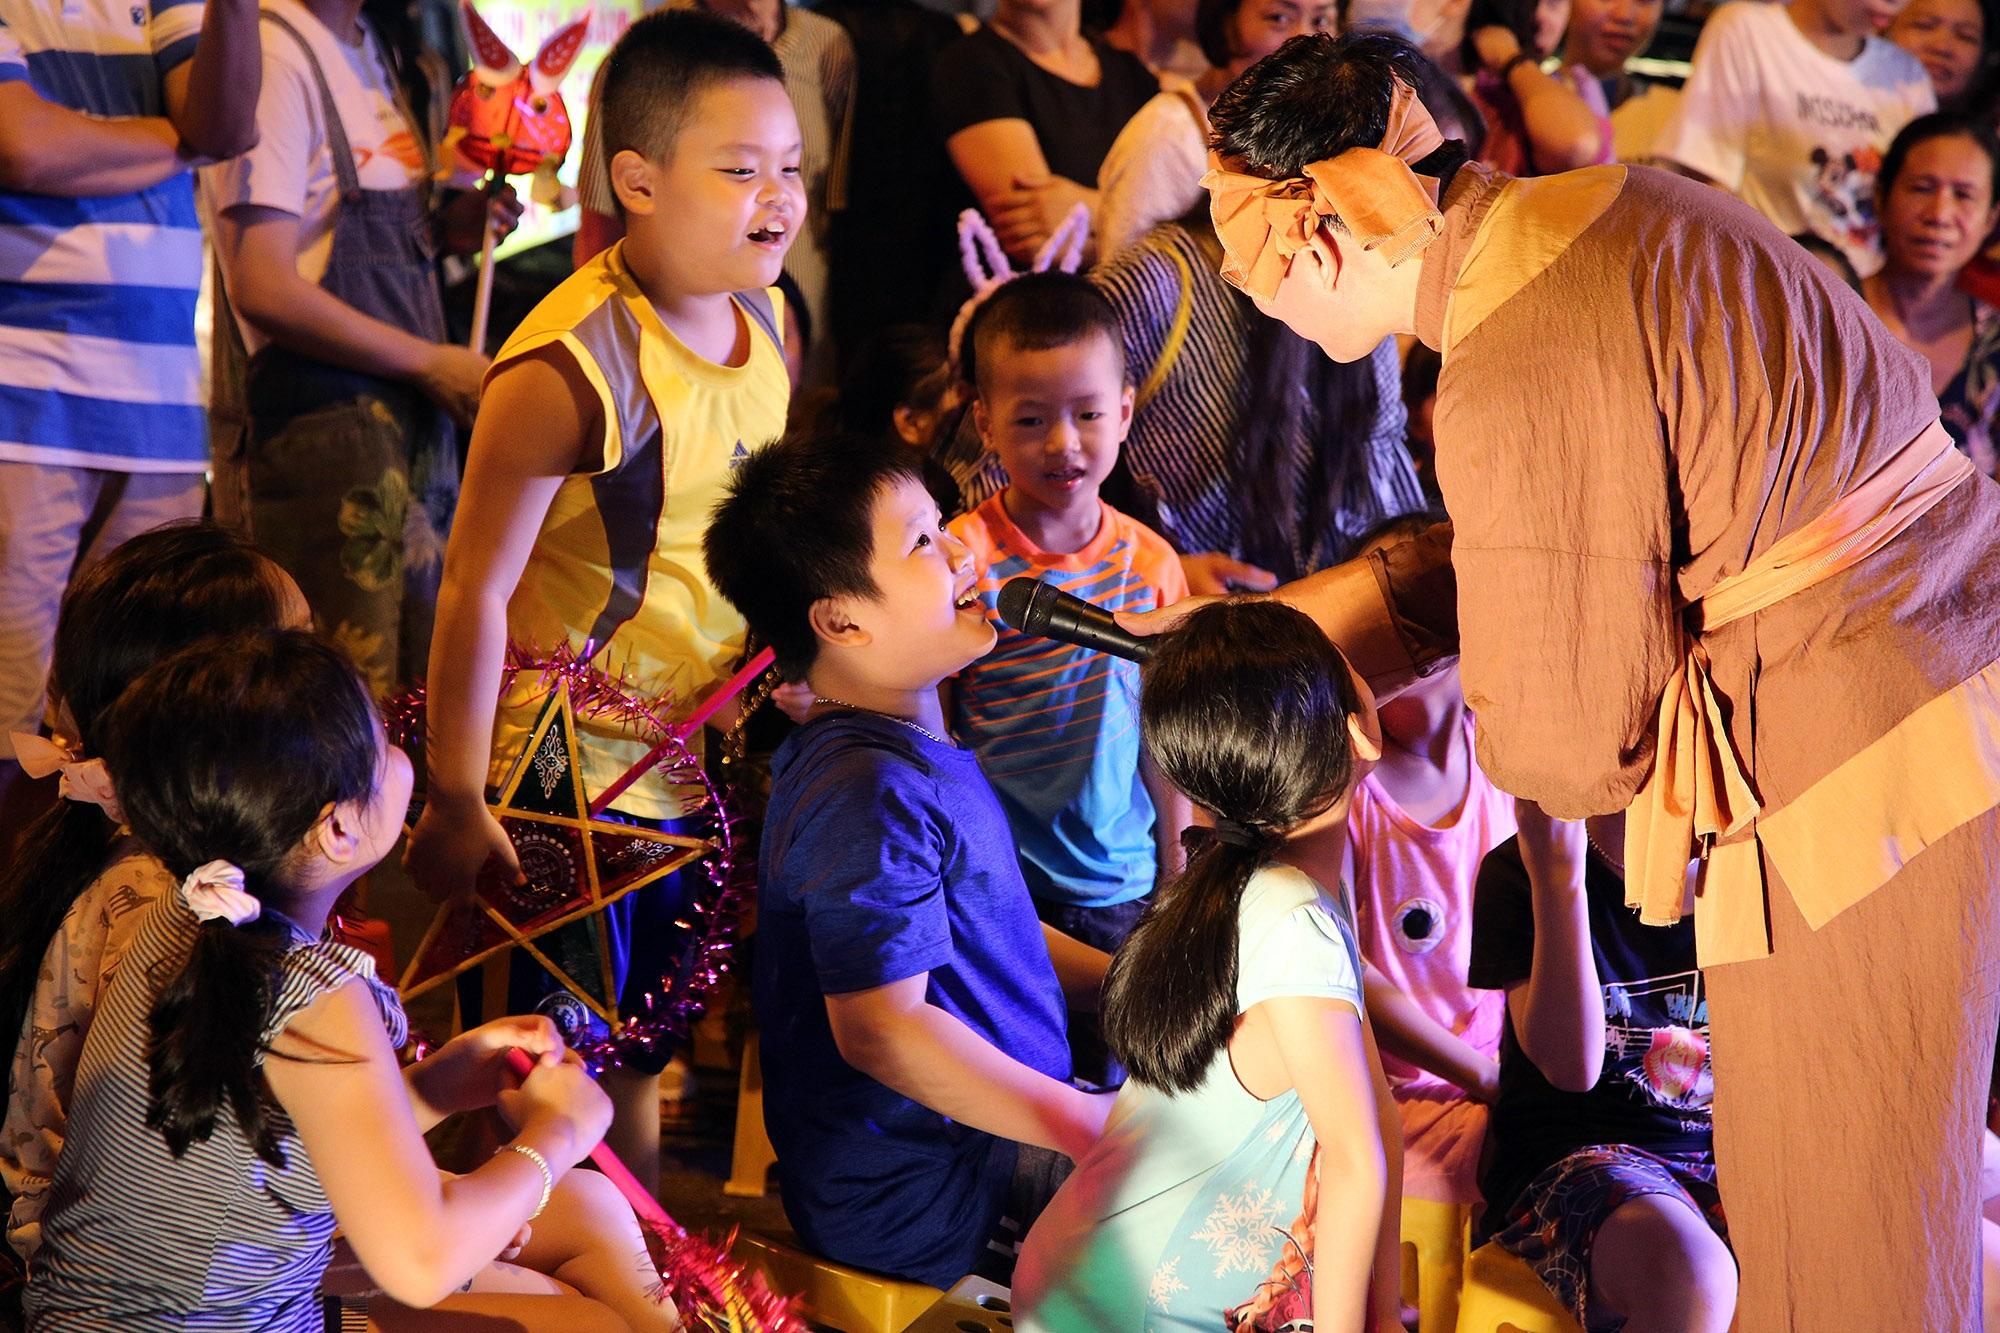 Sôi động đêm trung thu trên đường phố Hà Nội - 9